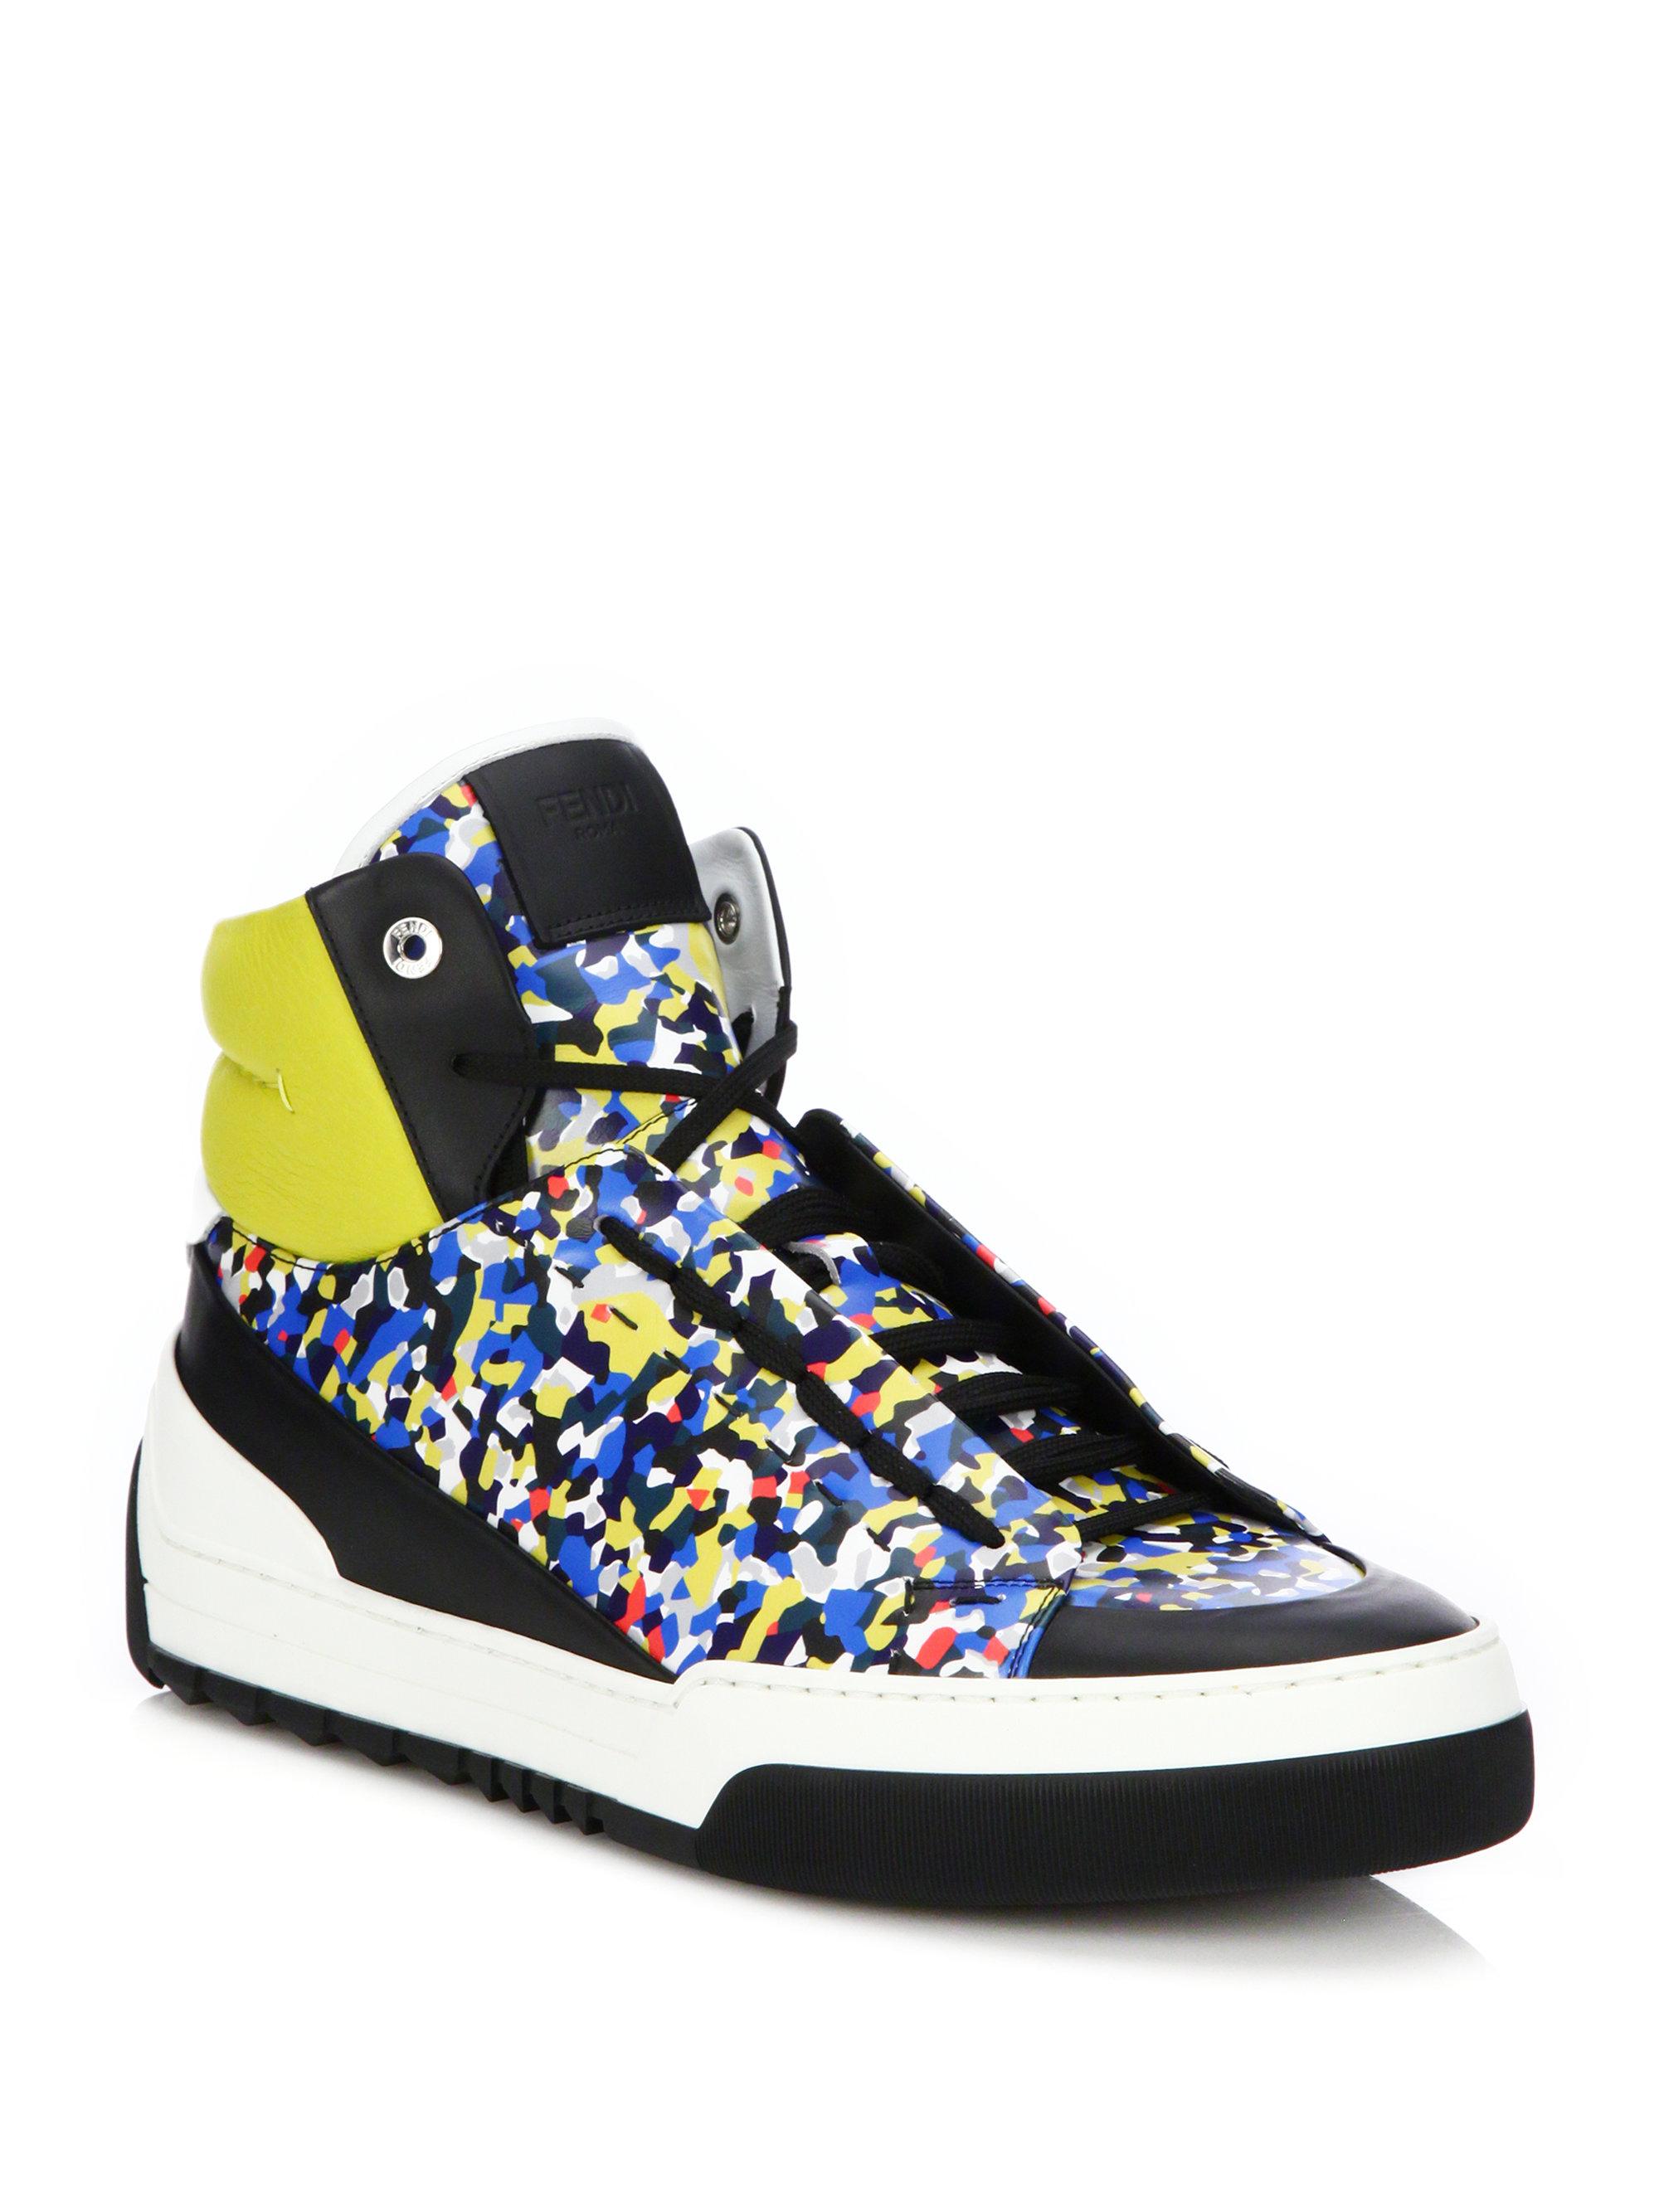 8f2326e7c5 Fendi Multicolor Multi Color High Top Sneakers for men